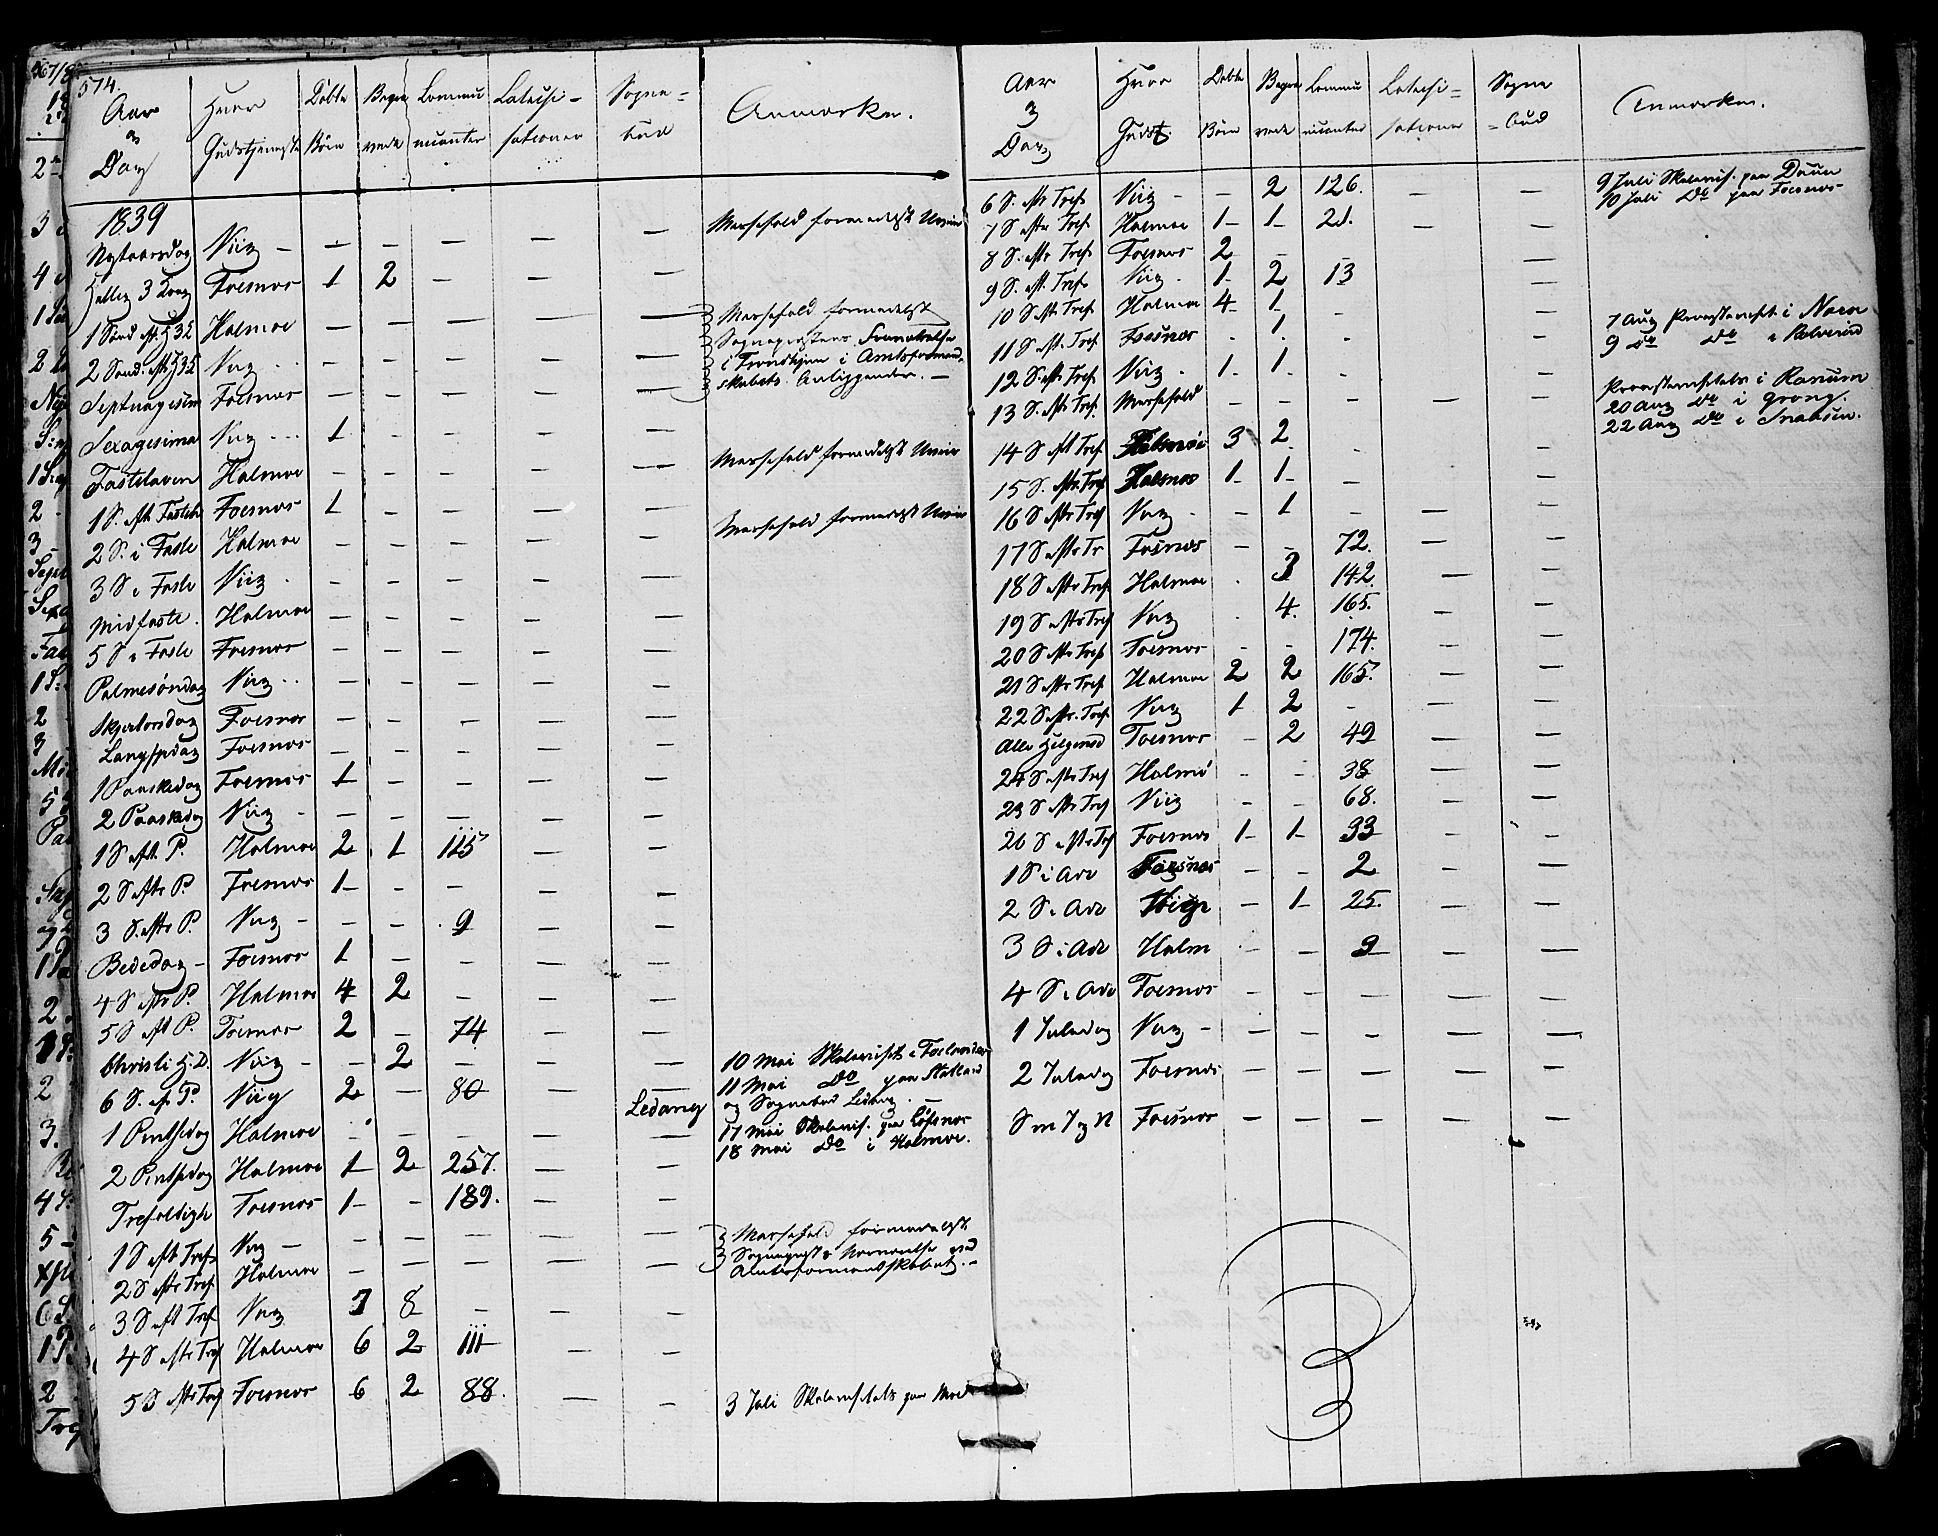 SAT, Ministerialprotokoller, klokkerbøker og fødselsregistre - Nord-Trøndelag, 773/L0614: Ministerialbok nr. 773A05, 1831-1856, s. 574